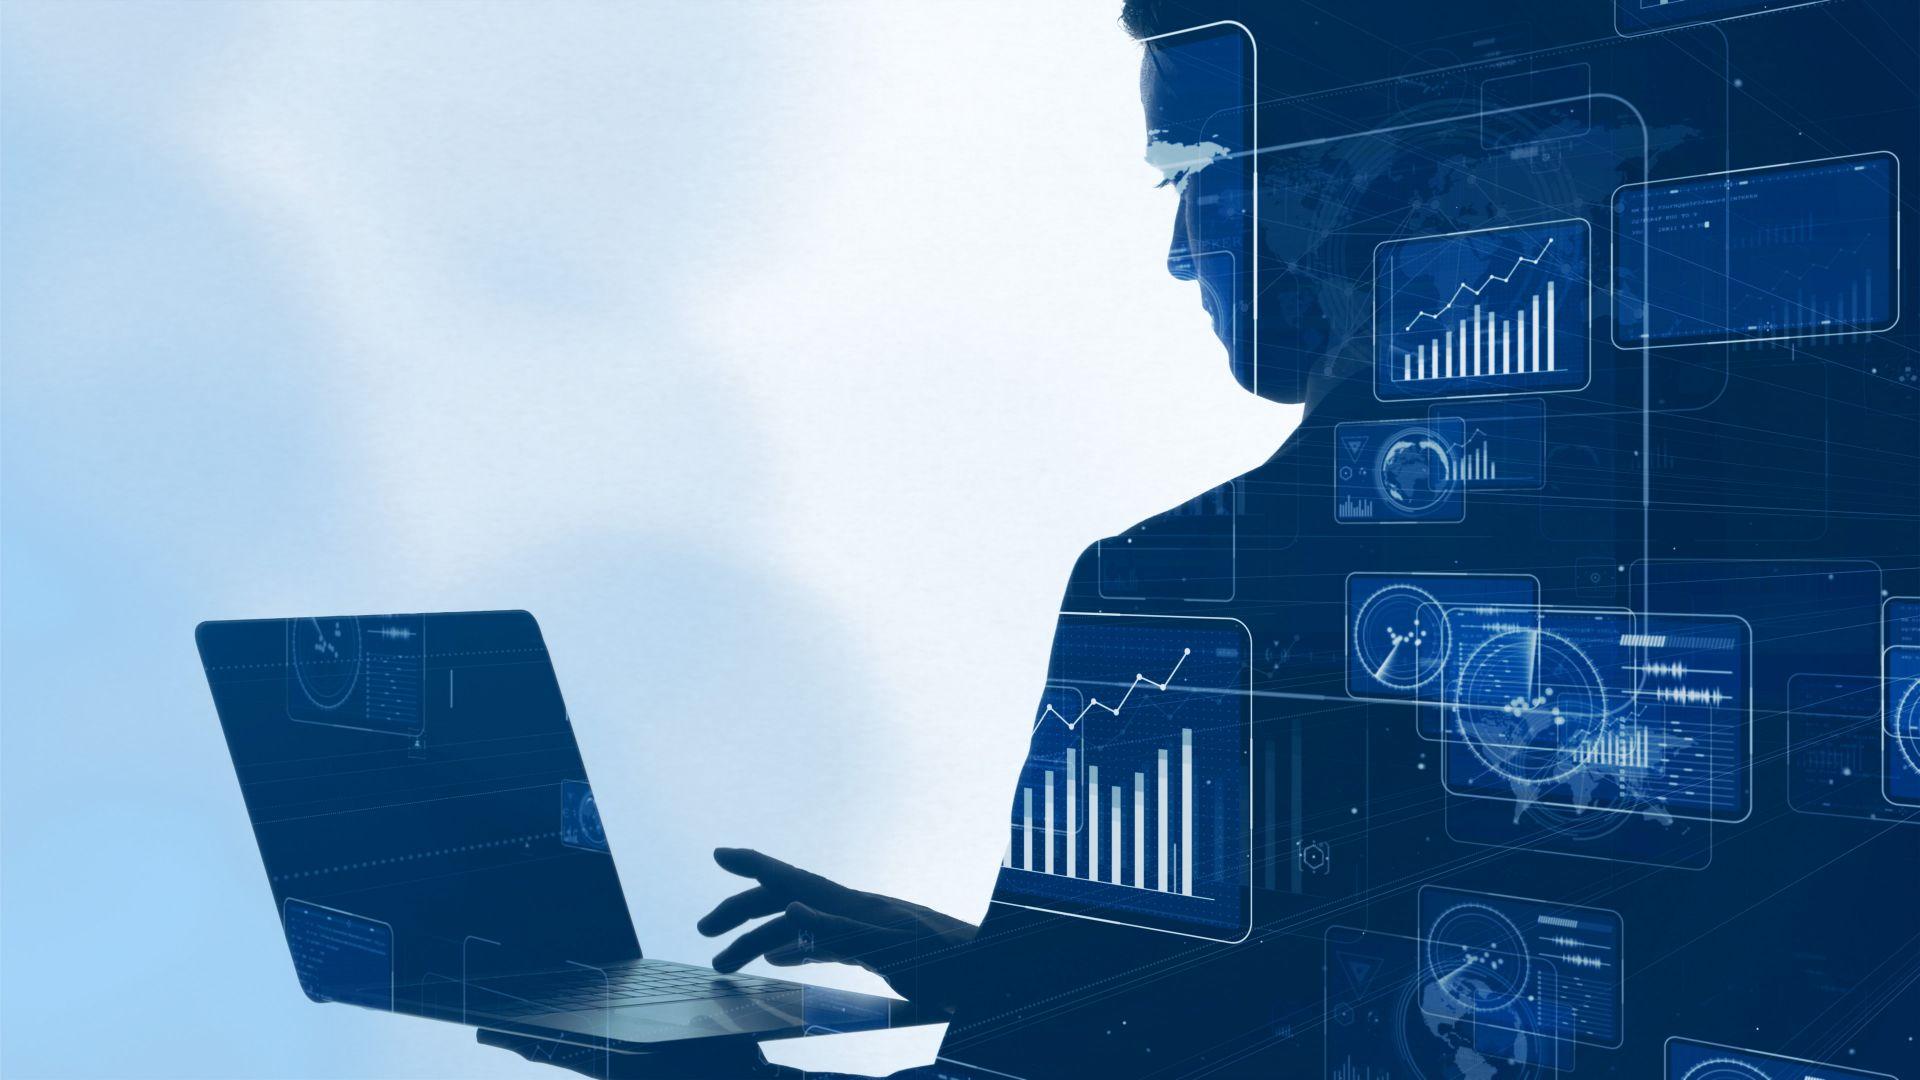 Най-големите технологични компании започнаха да печелят от пандемията